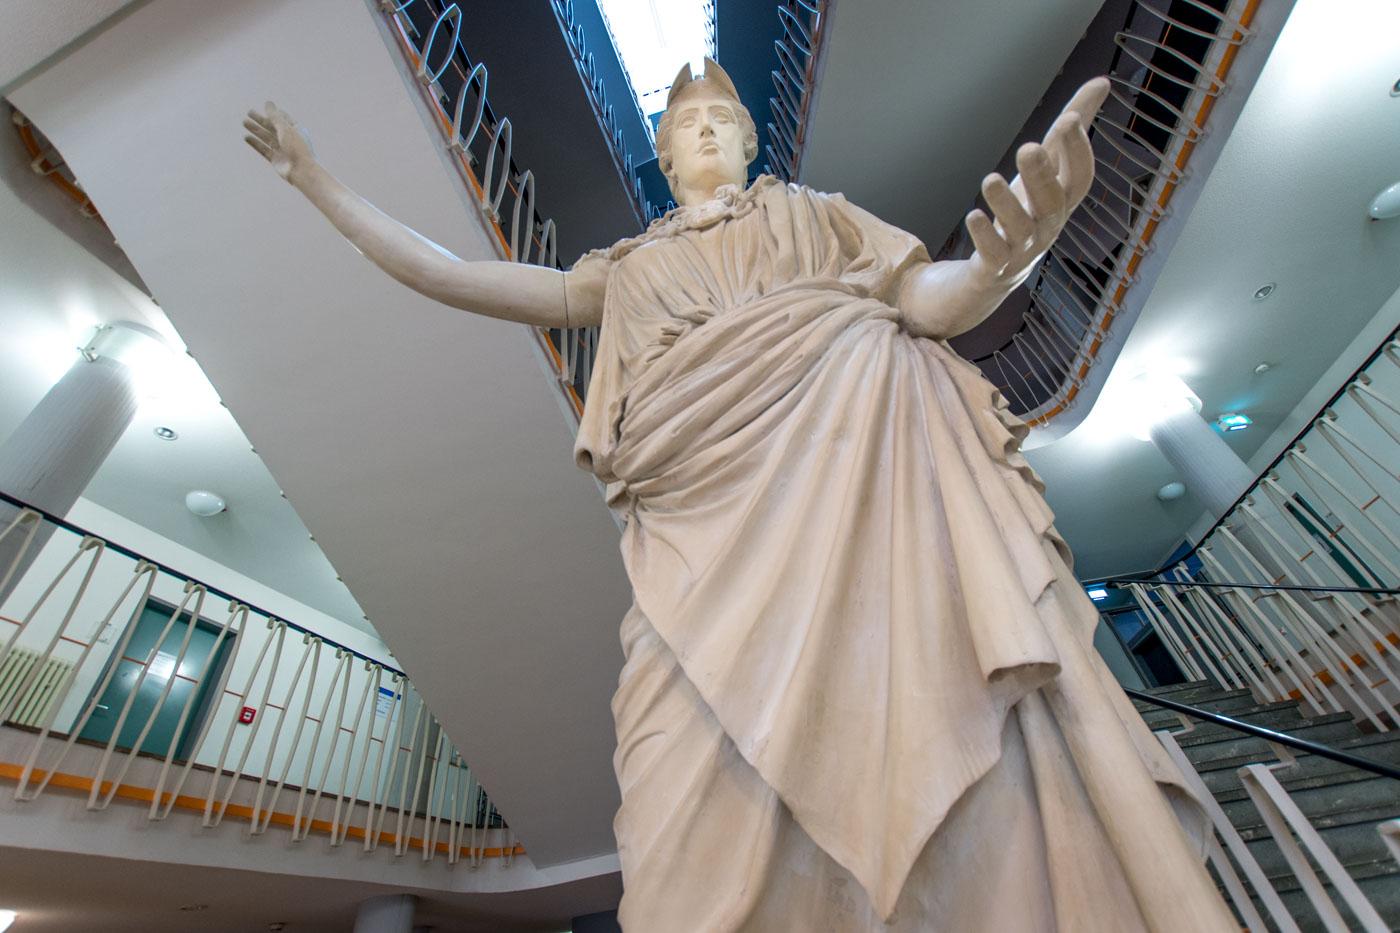 Athena von unten